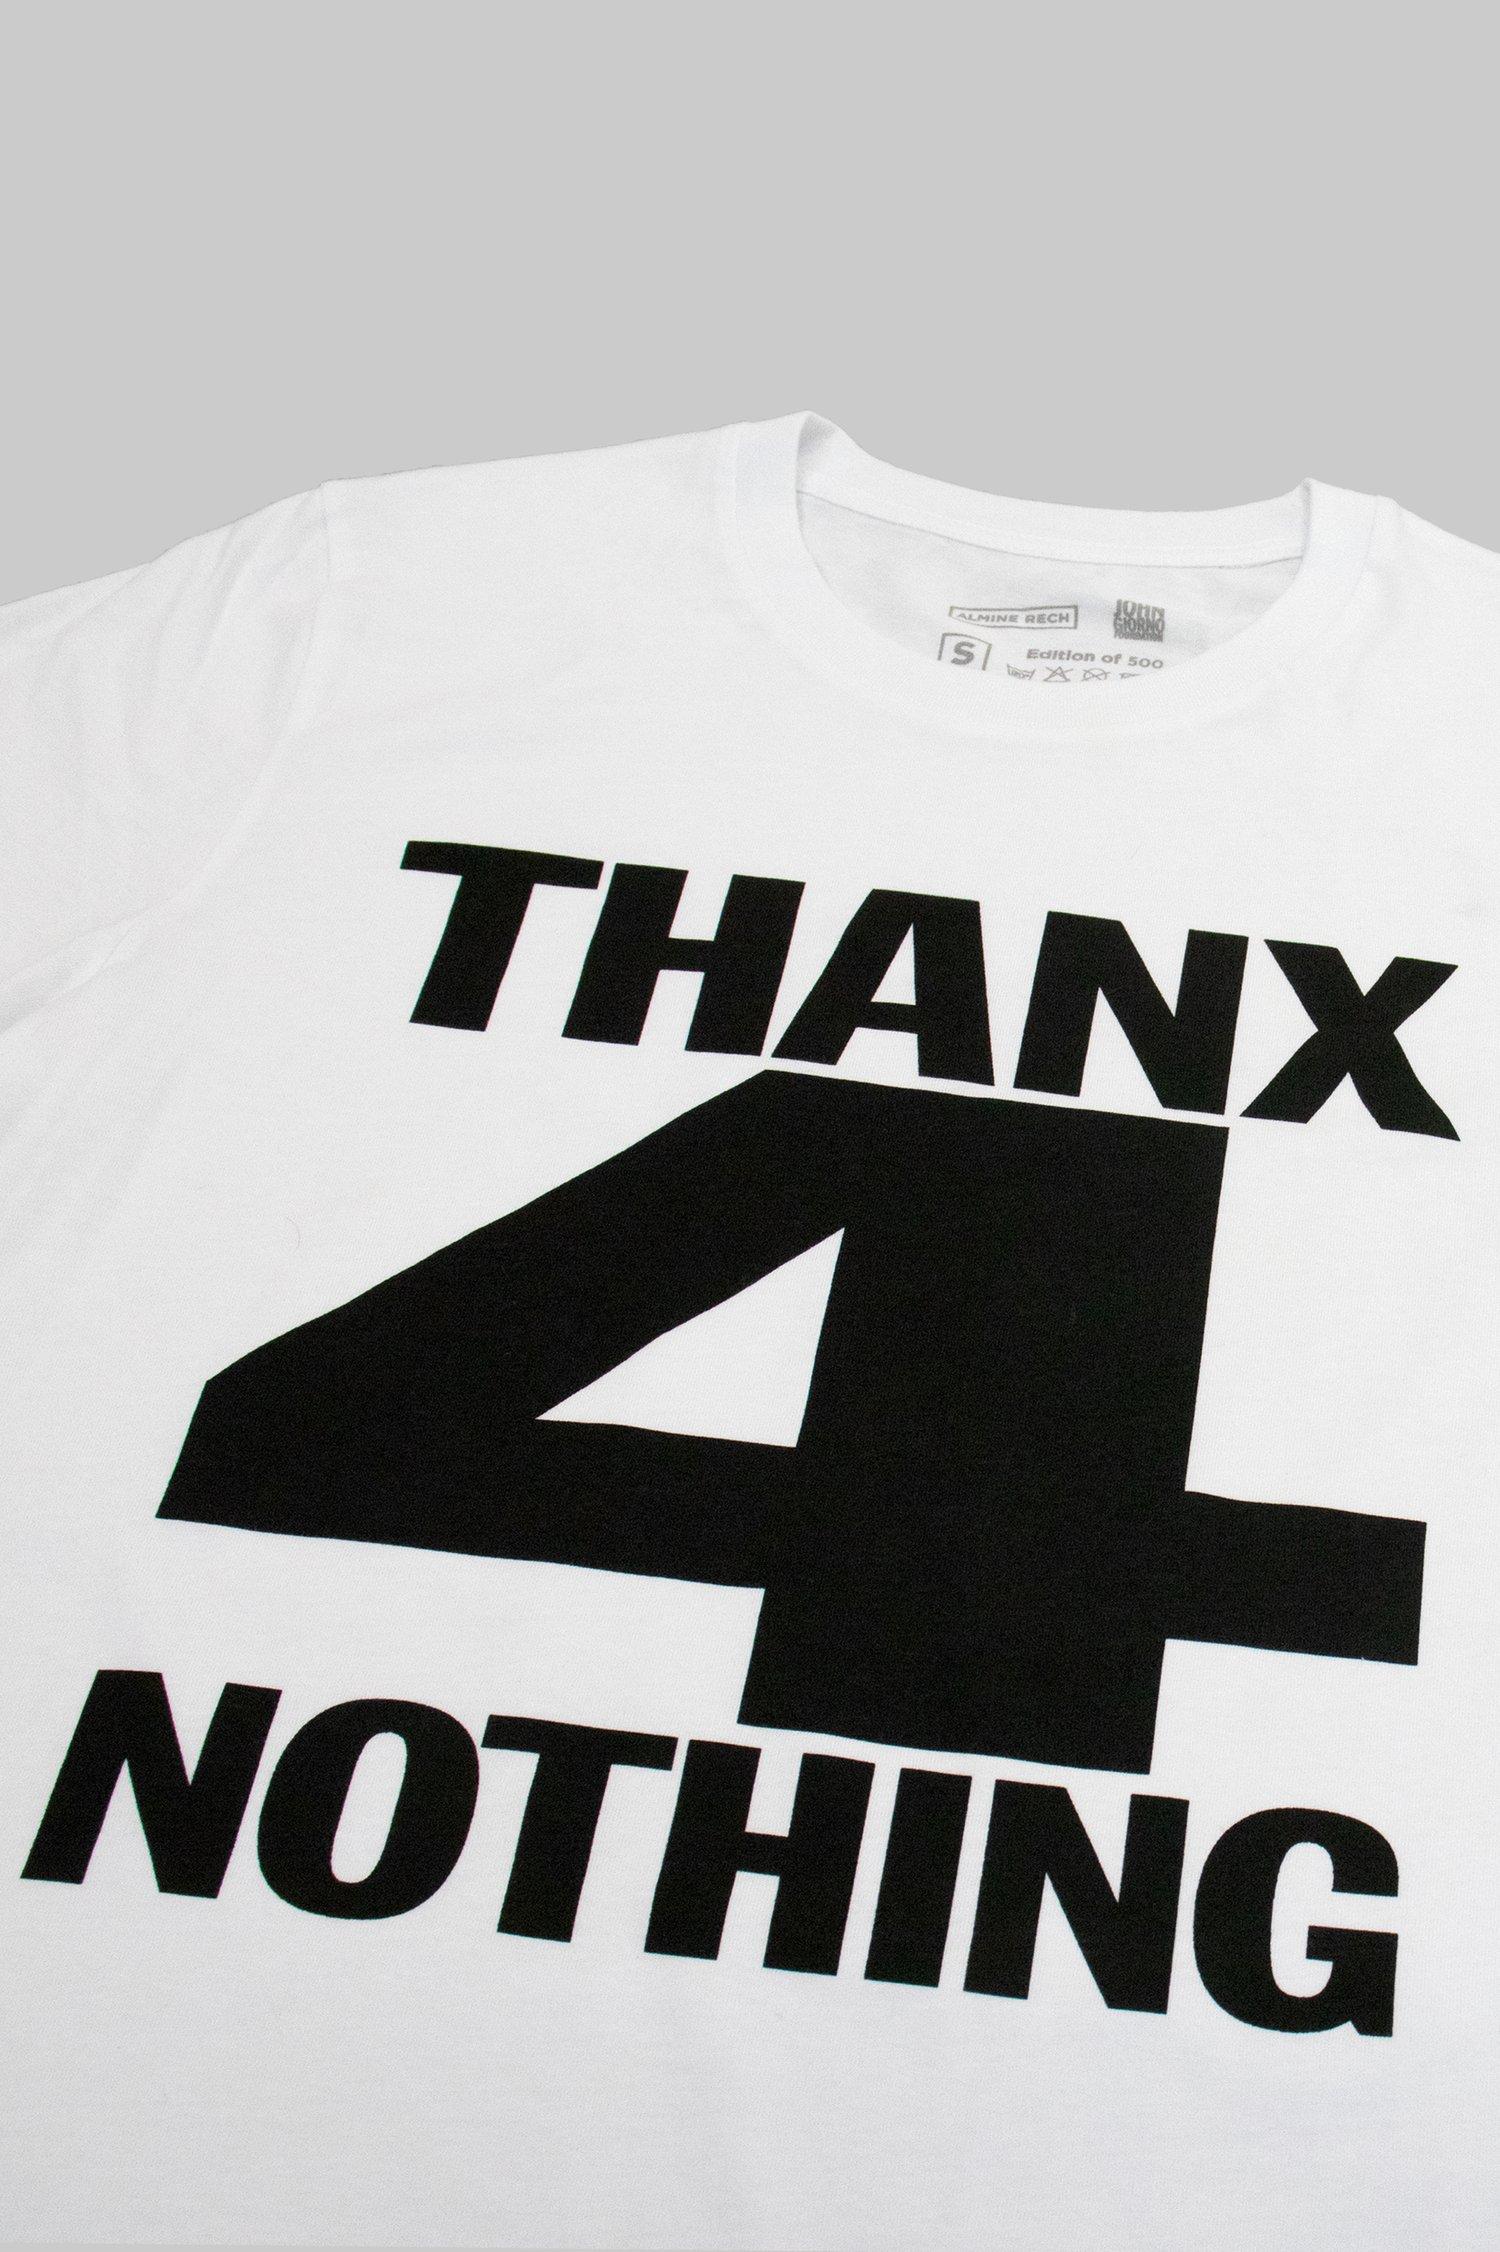 Image of John Giorno - T-Shirt